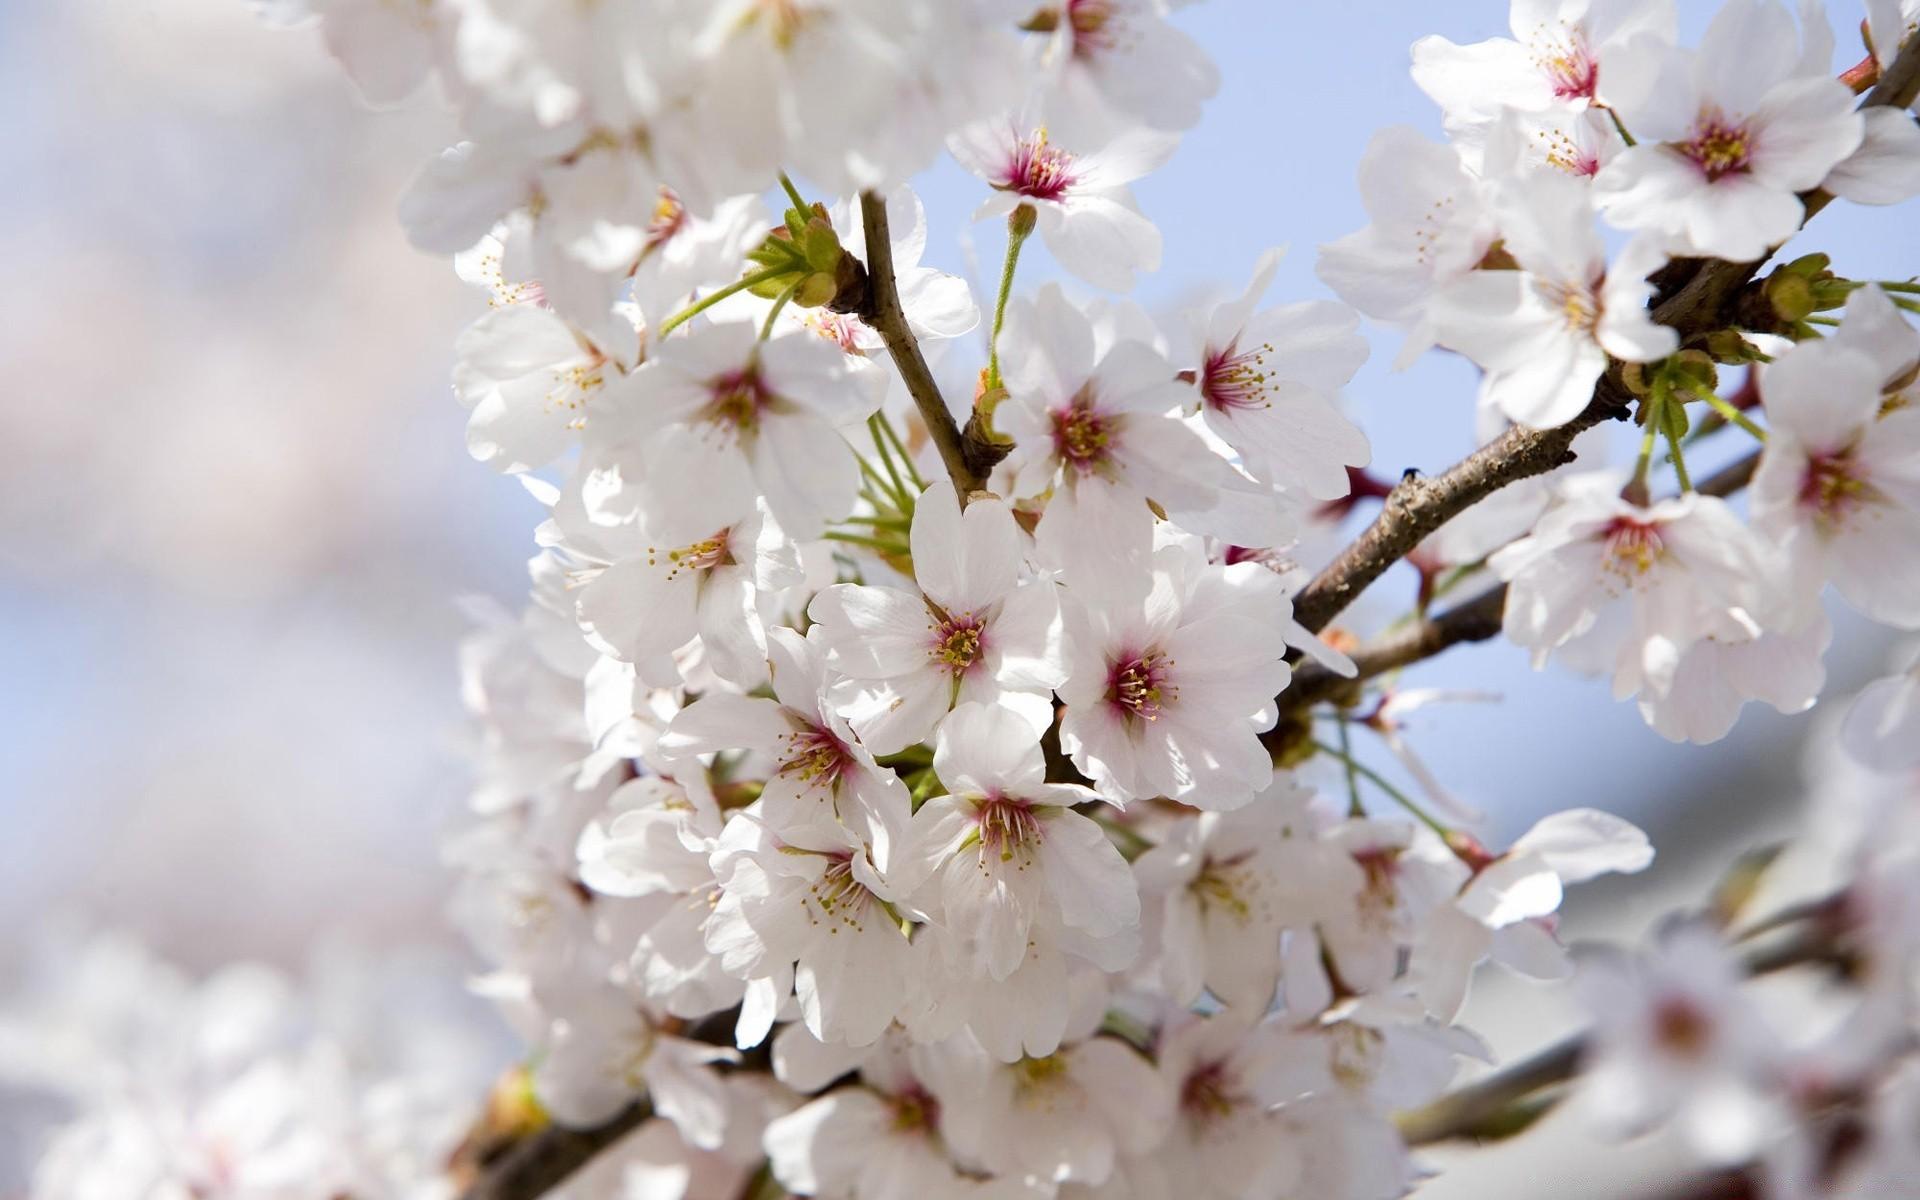 горла, появившаяся весна май фото на рабочий стол готовы помочь